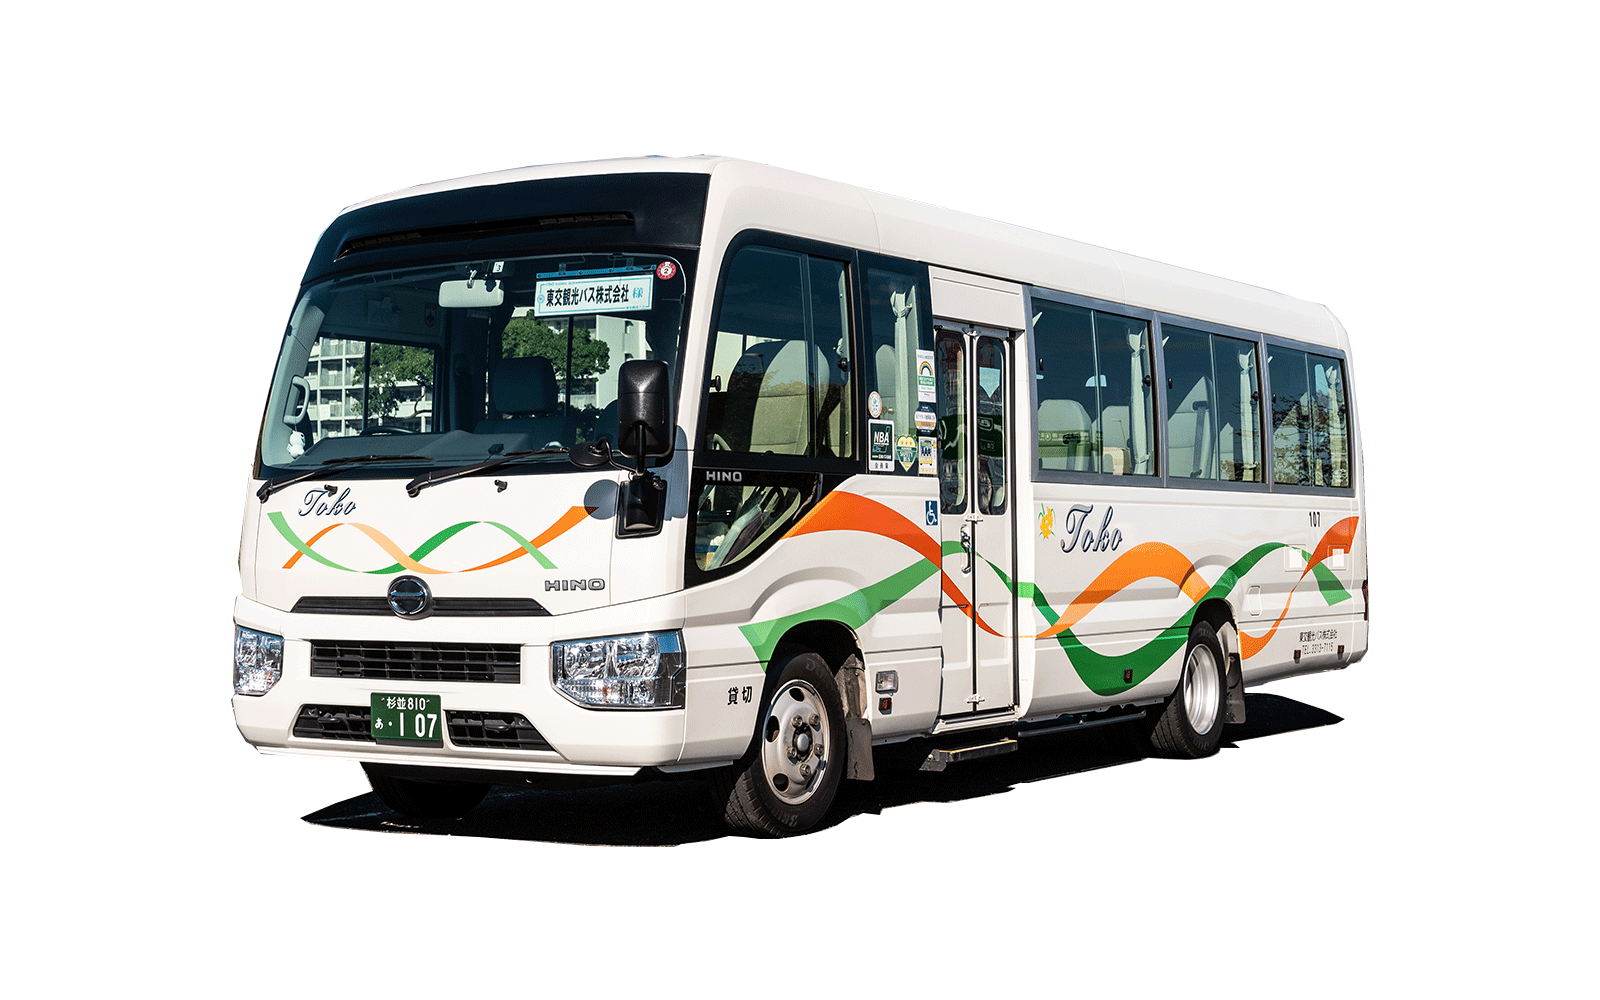 小型福祉バス